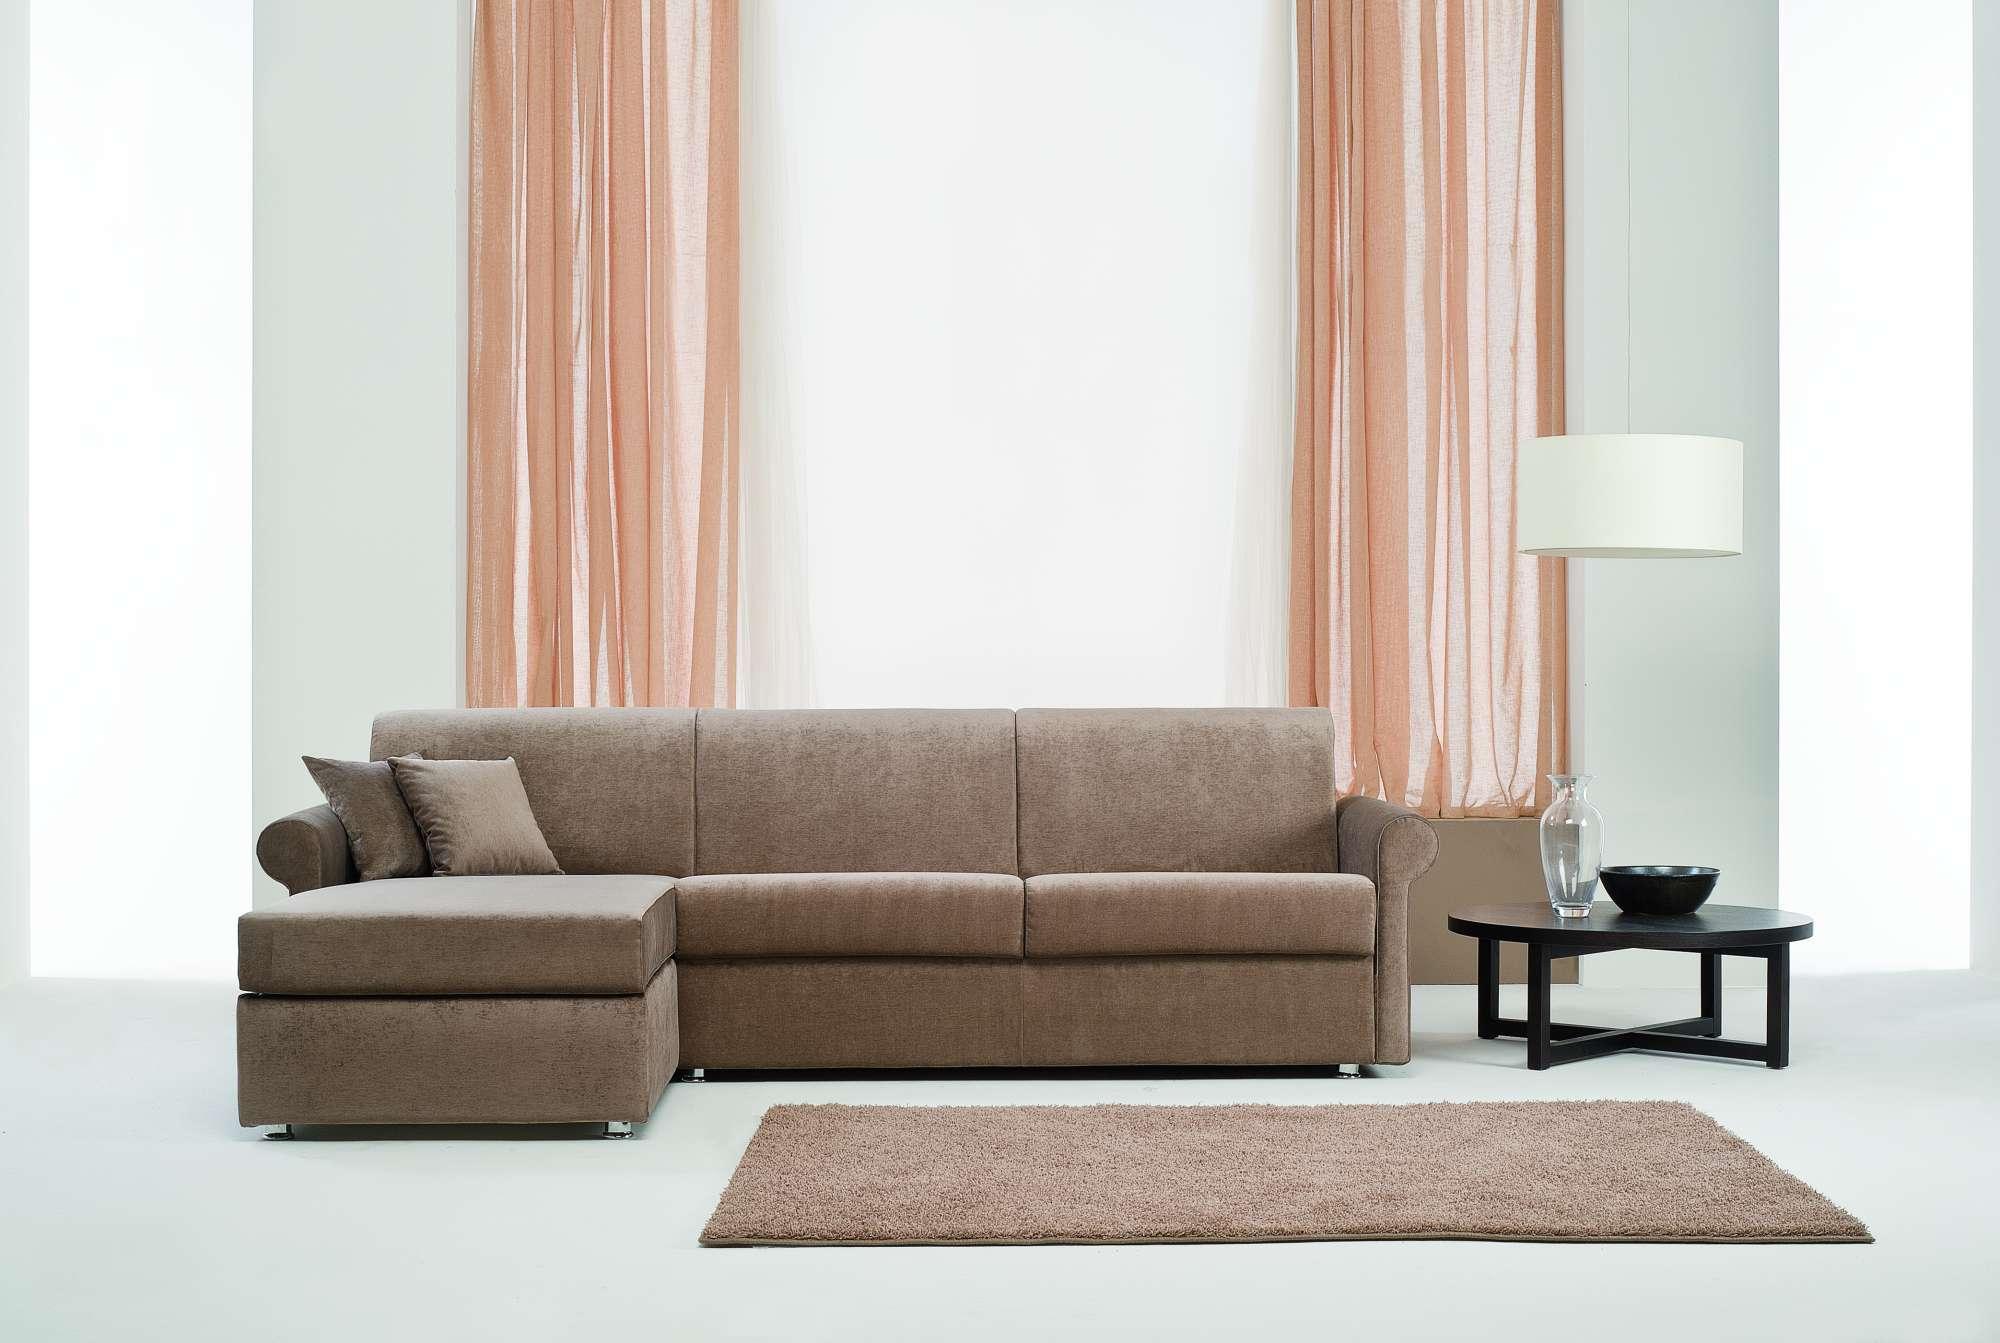 Sinfony divani letto con chaise longue collezione moderni - Divani stretti e lunghi ...